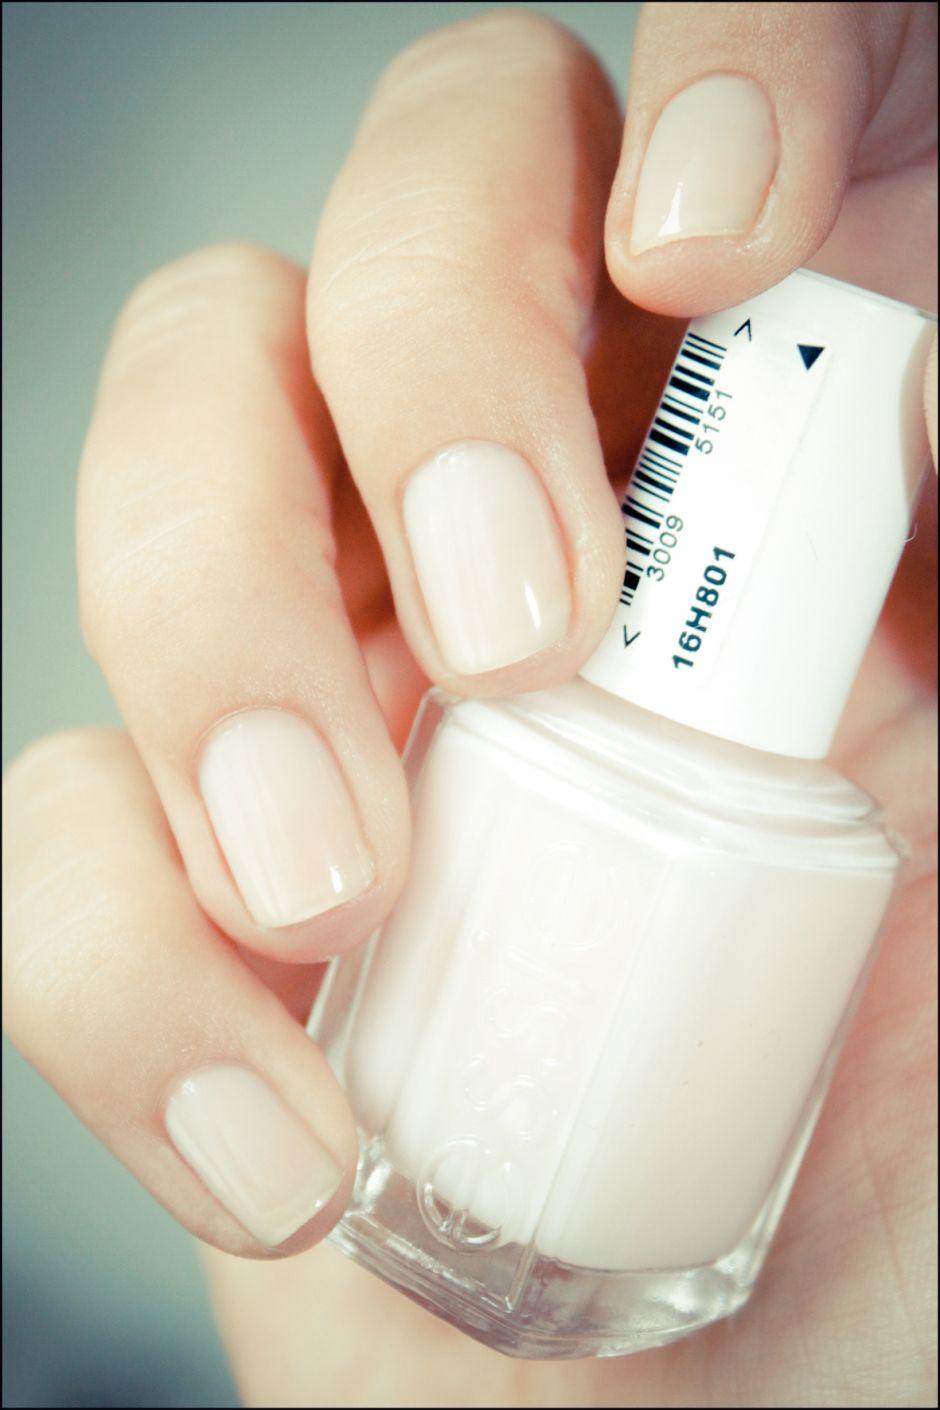 Essie nail polish in \